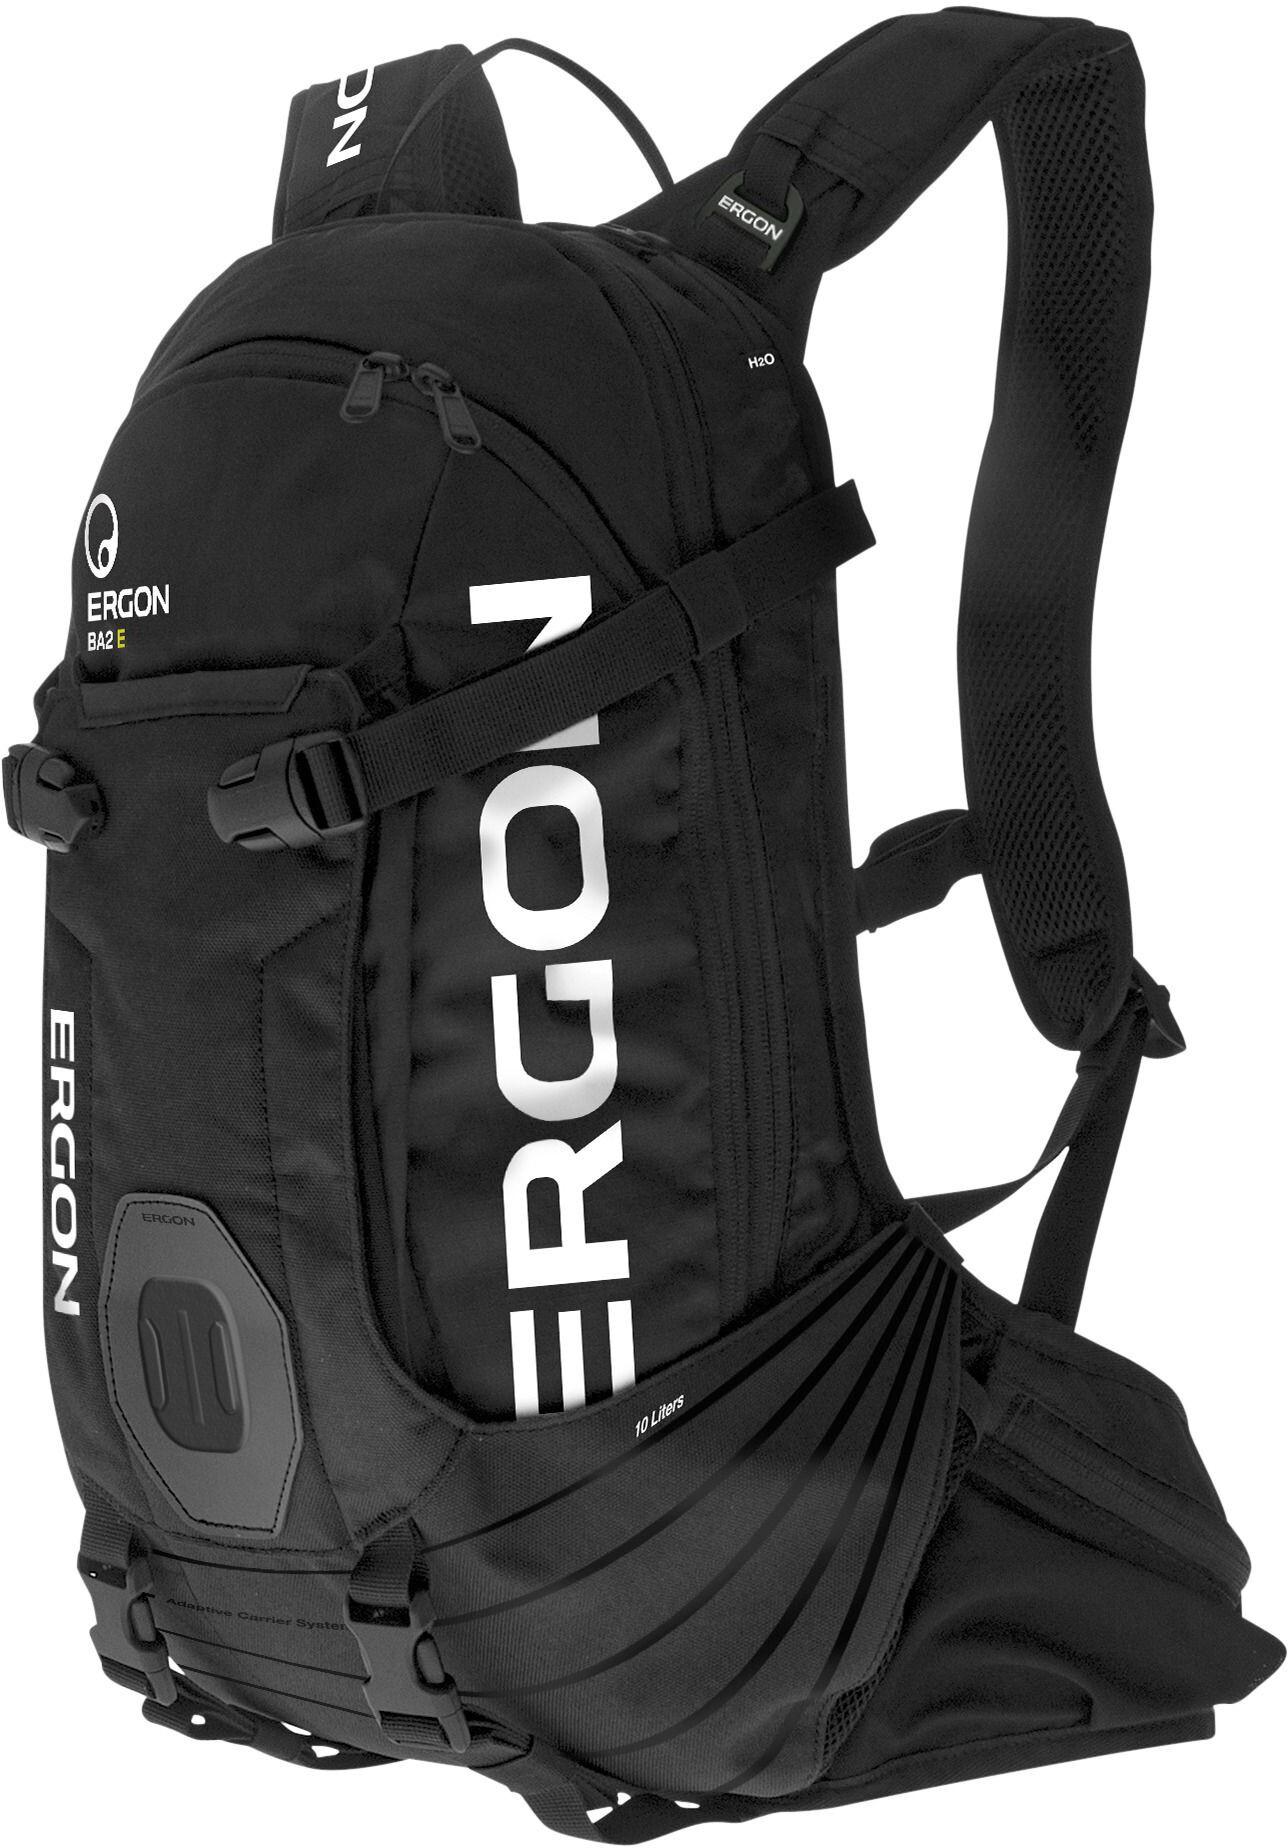 Ergon BA2 E Protect Rygsæk 10l, black (2019) | Travel bags